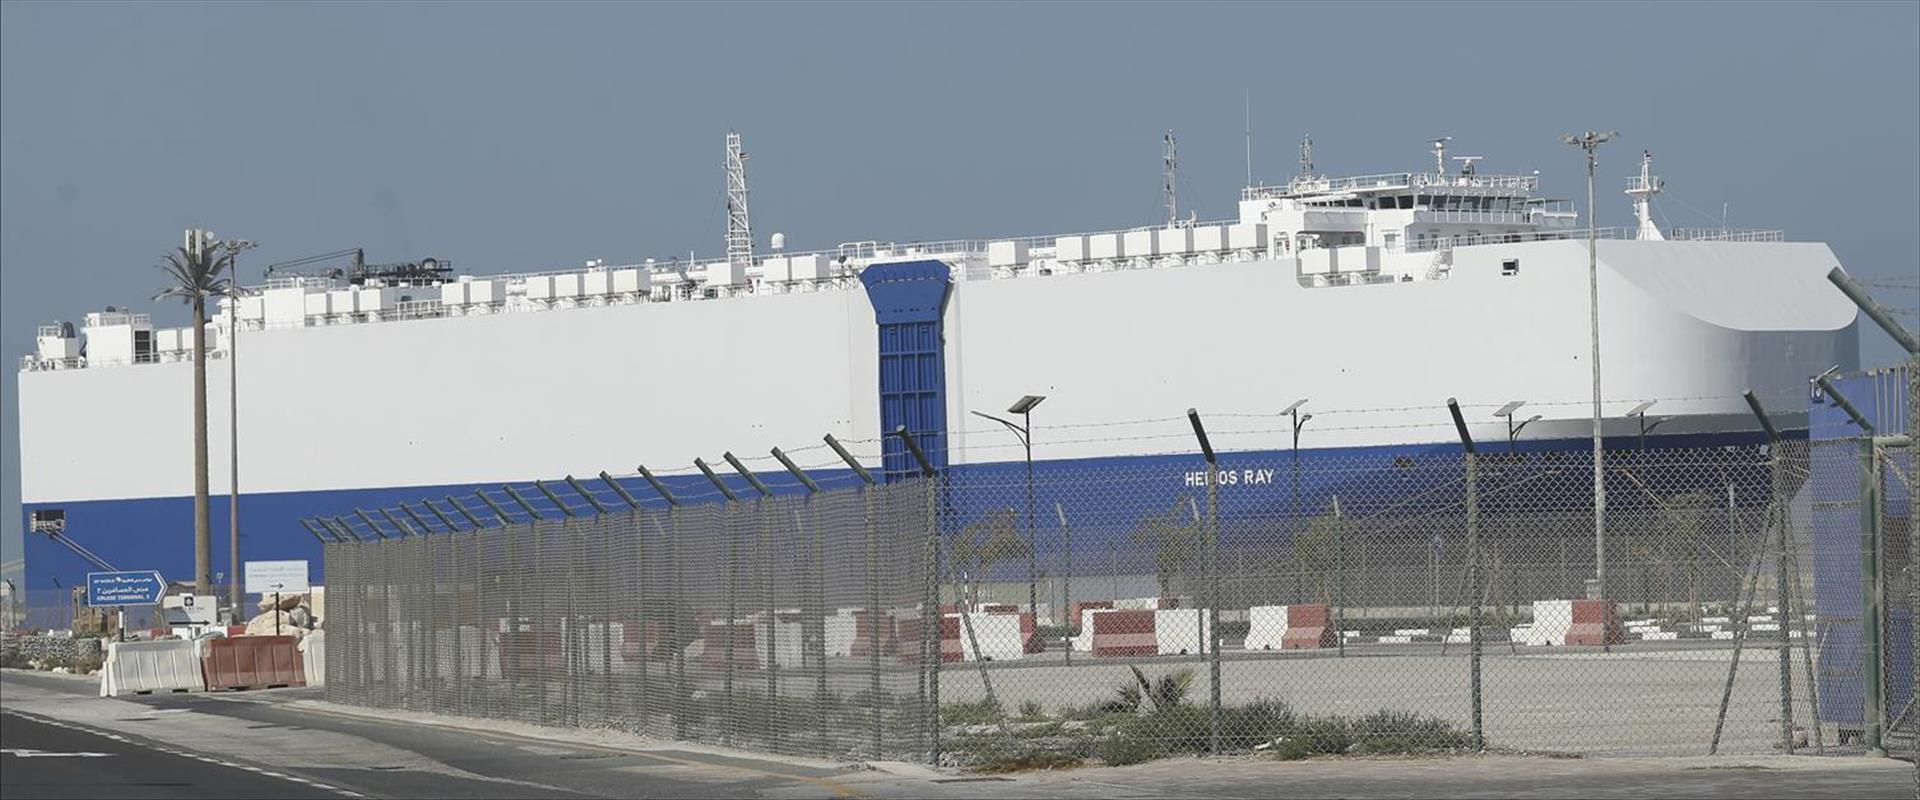 האוניה Helios Ray שנפגעה